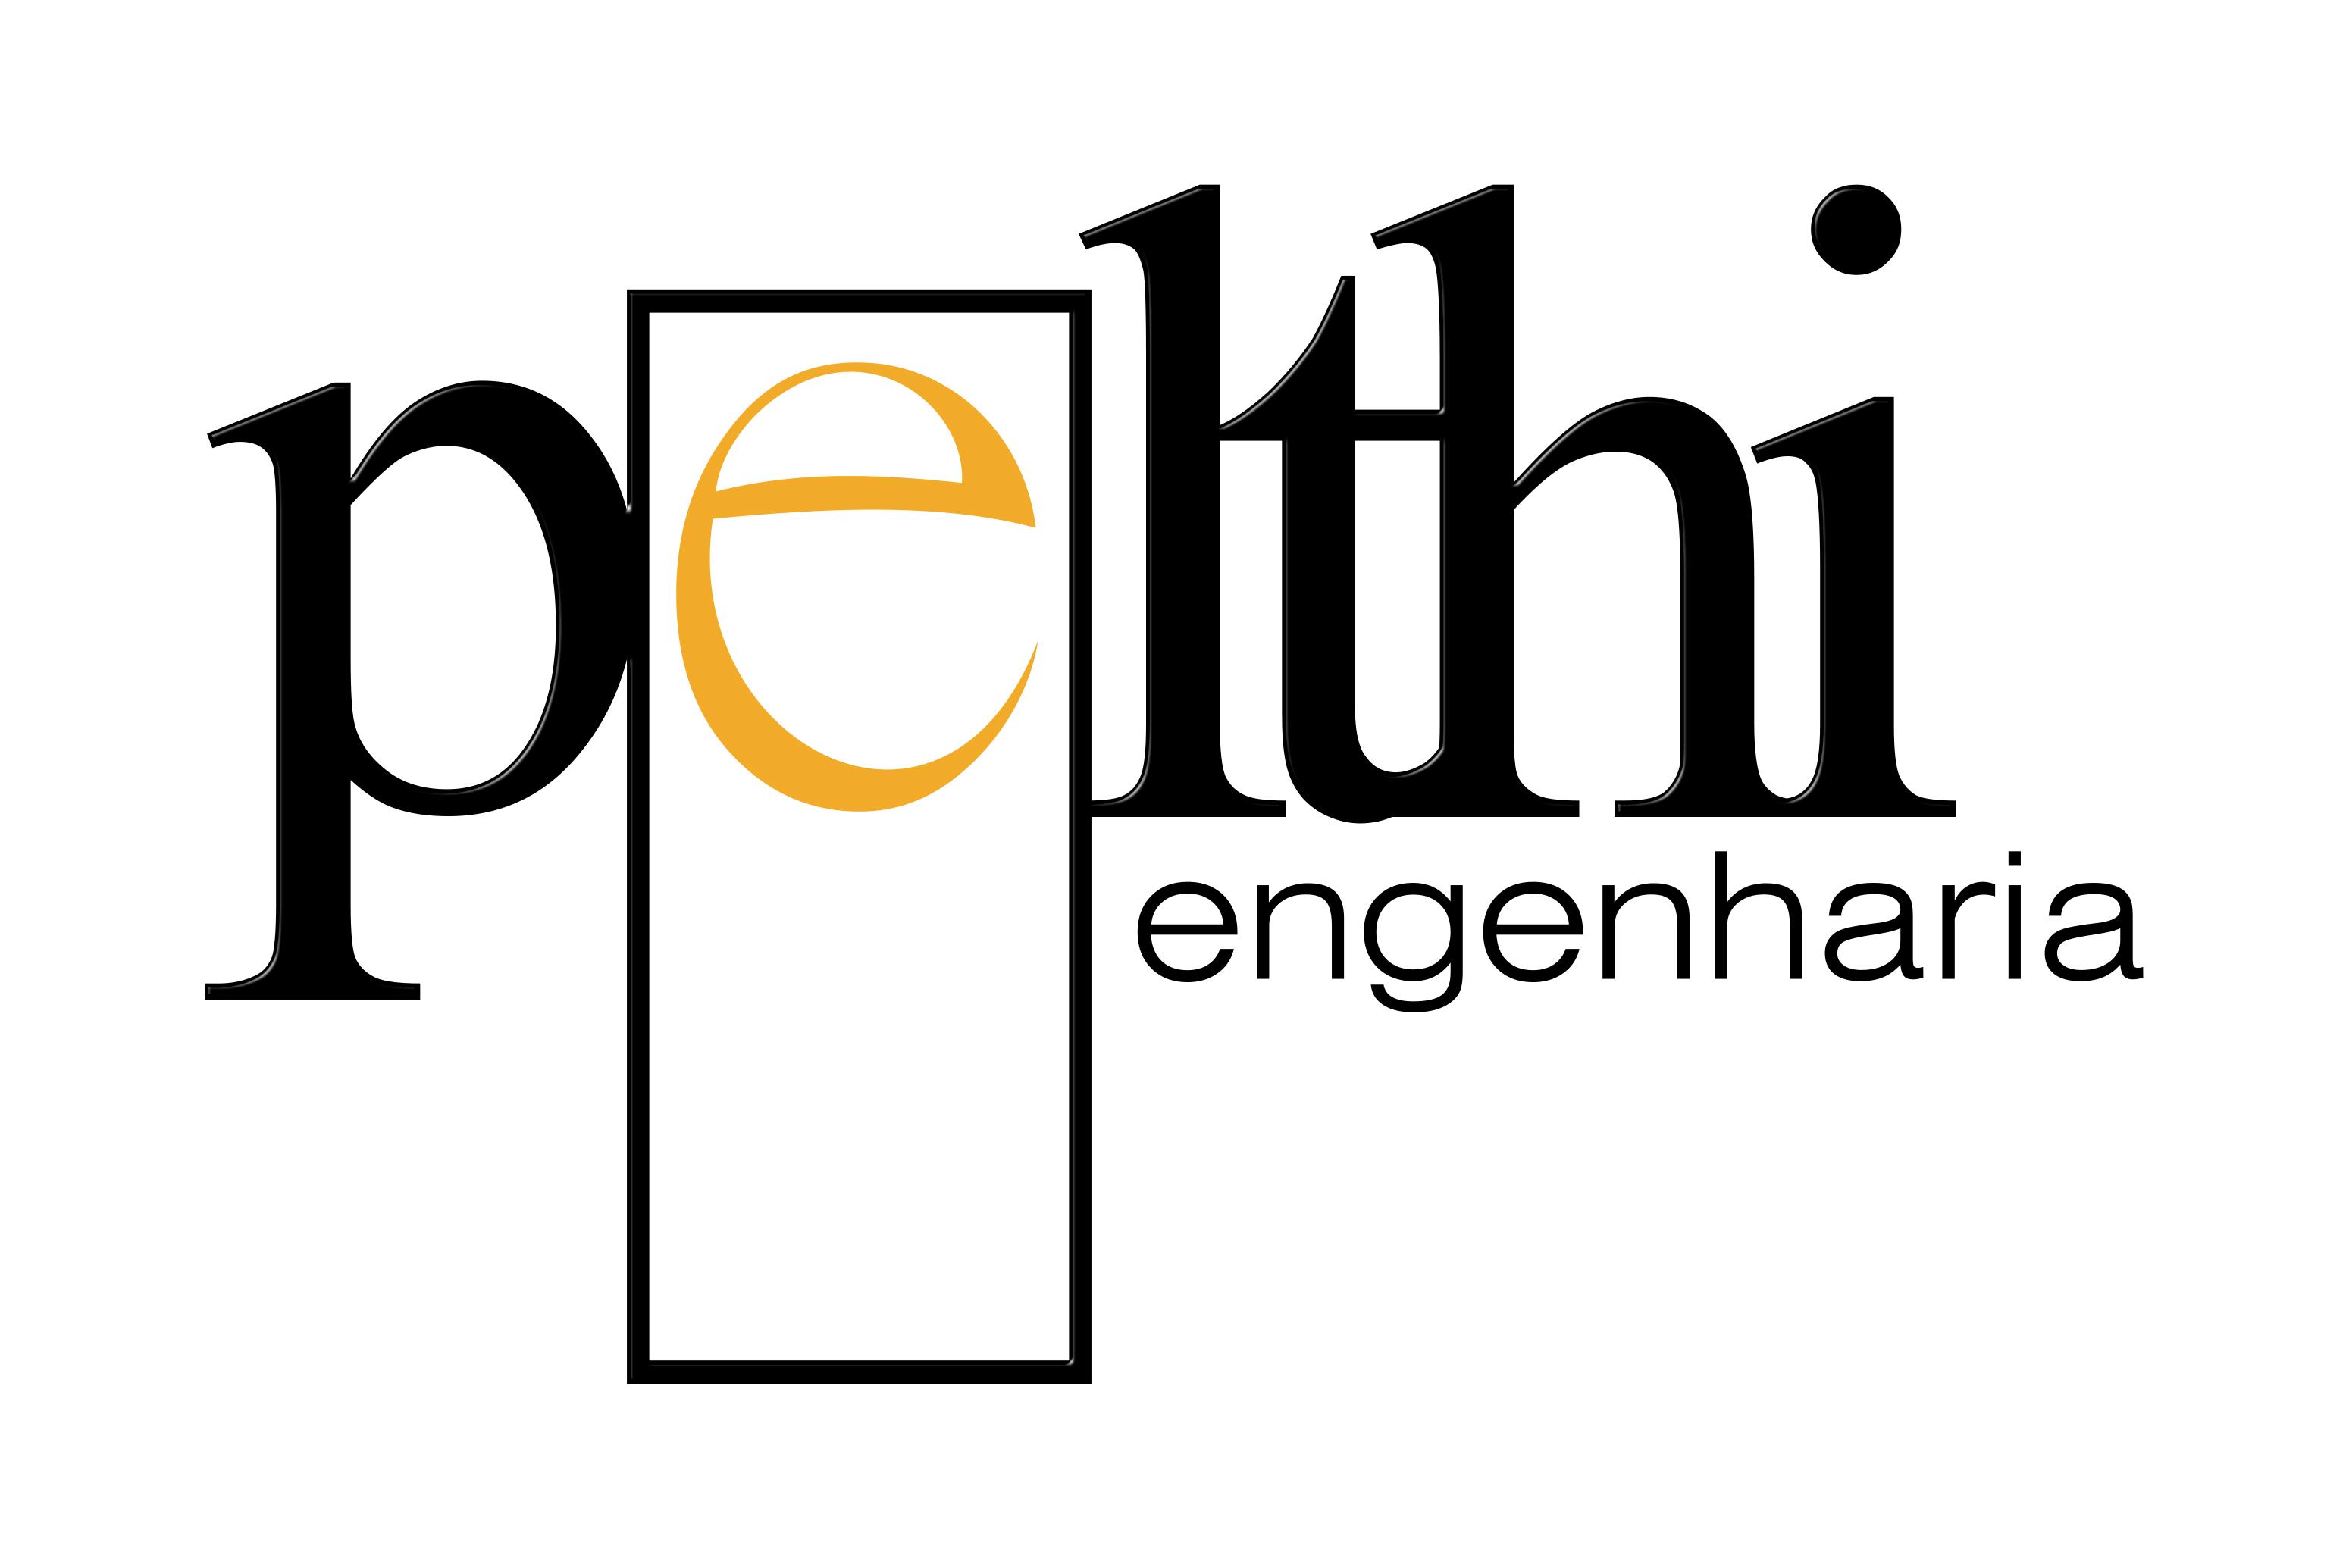 Resultado de imagem para pelthi engenharia